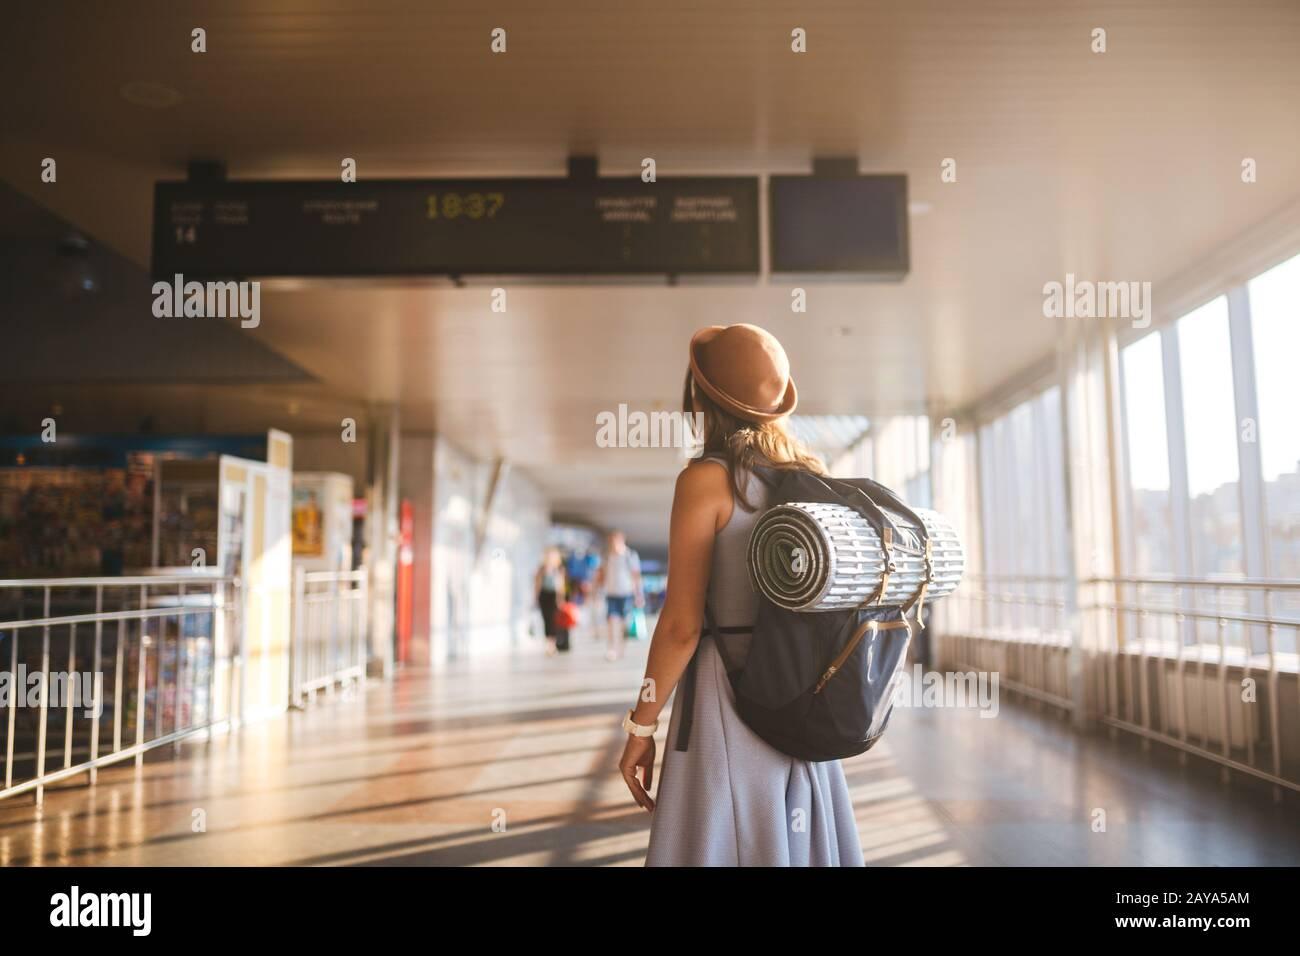 Viaje temático transporte público. Mujer joven de pie con espalda vestida y sombrero detrás de mochila y equipo de camping para dormir Foto de stock